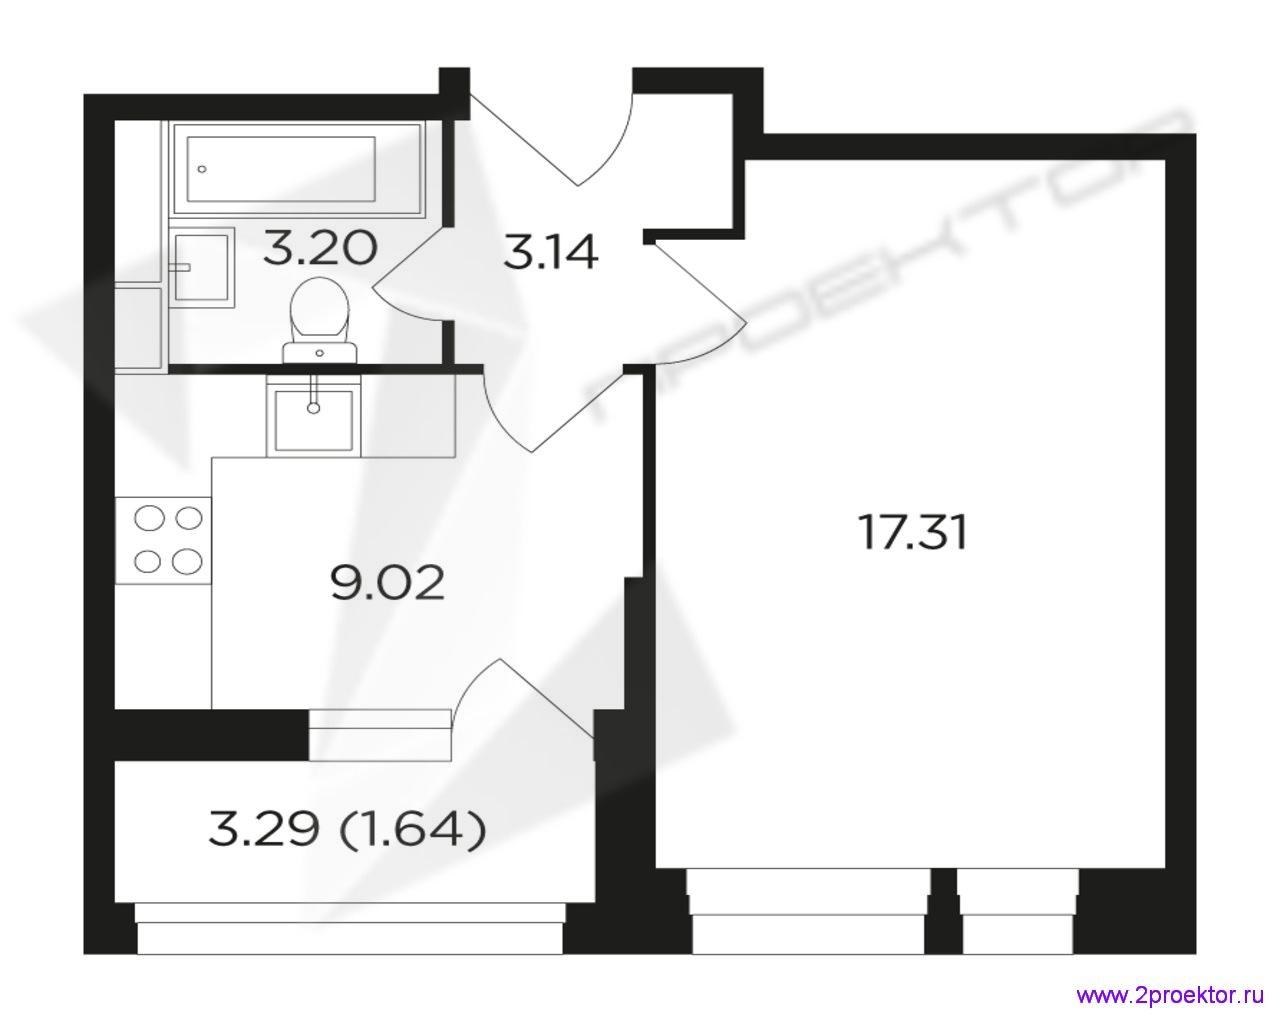 Типовой вариант планировки однокомнатной квартиры в Жилом комплексе Преображение.